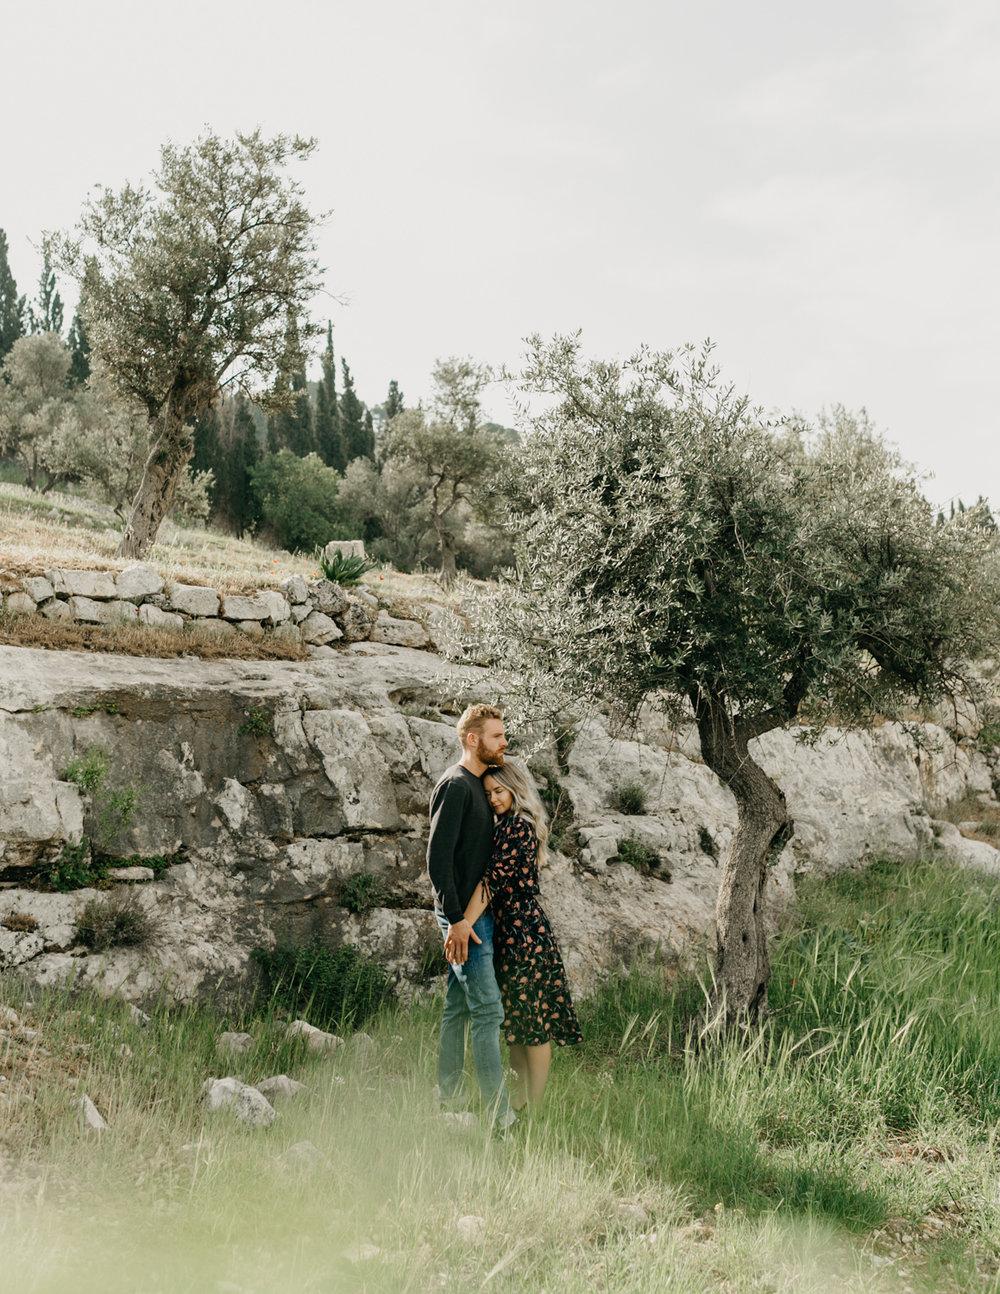 mia_benjamin_jerusalem-79.jpg